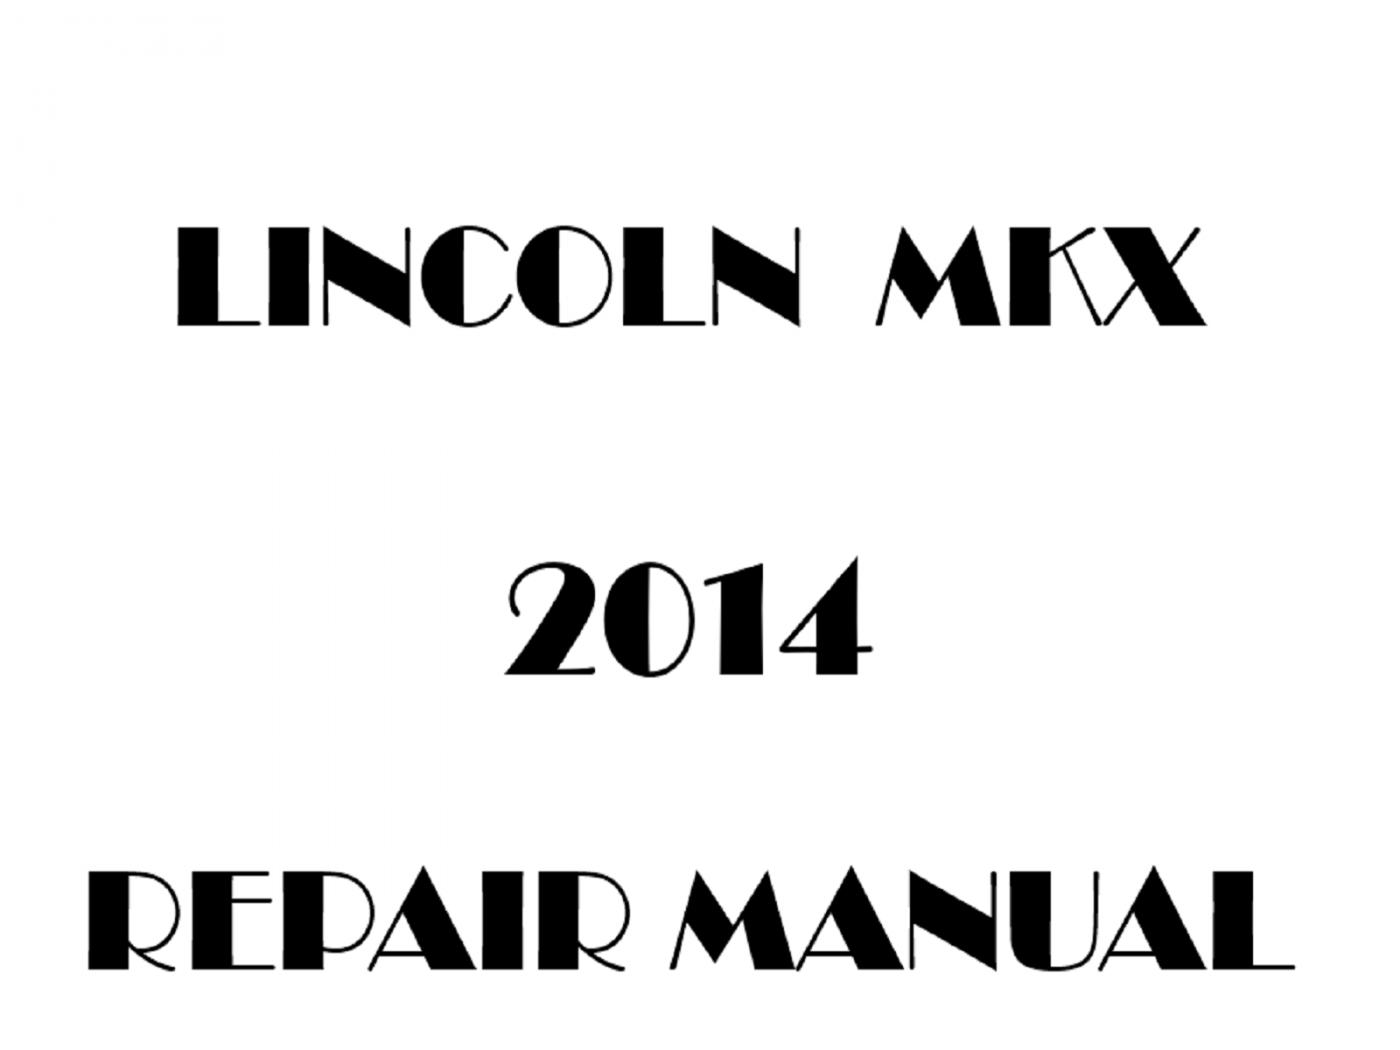 2014 Lincoln MKX repair manual